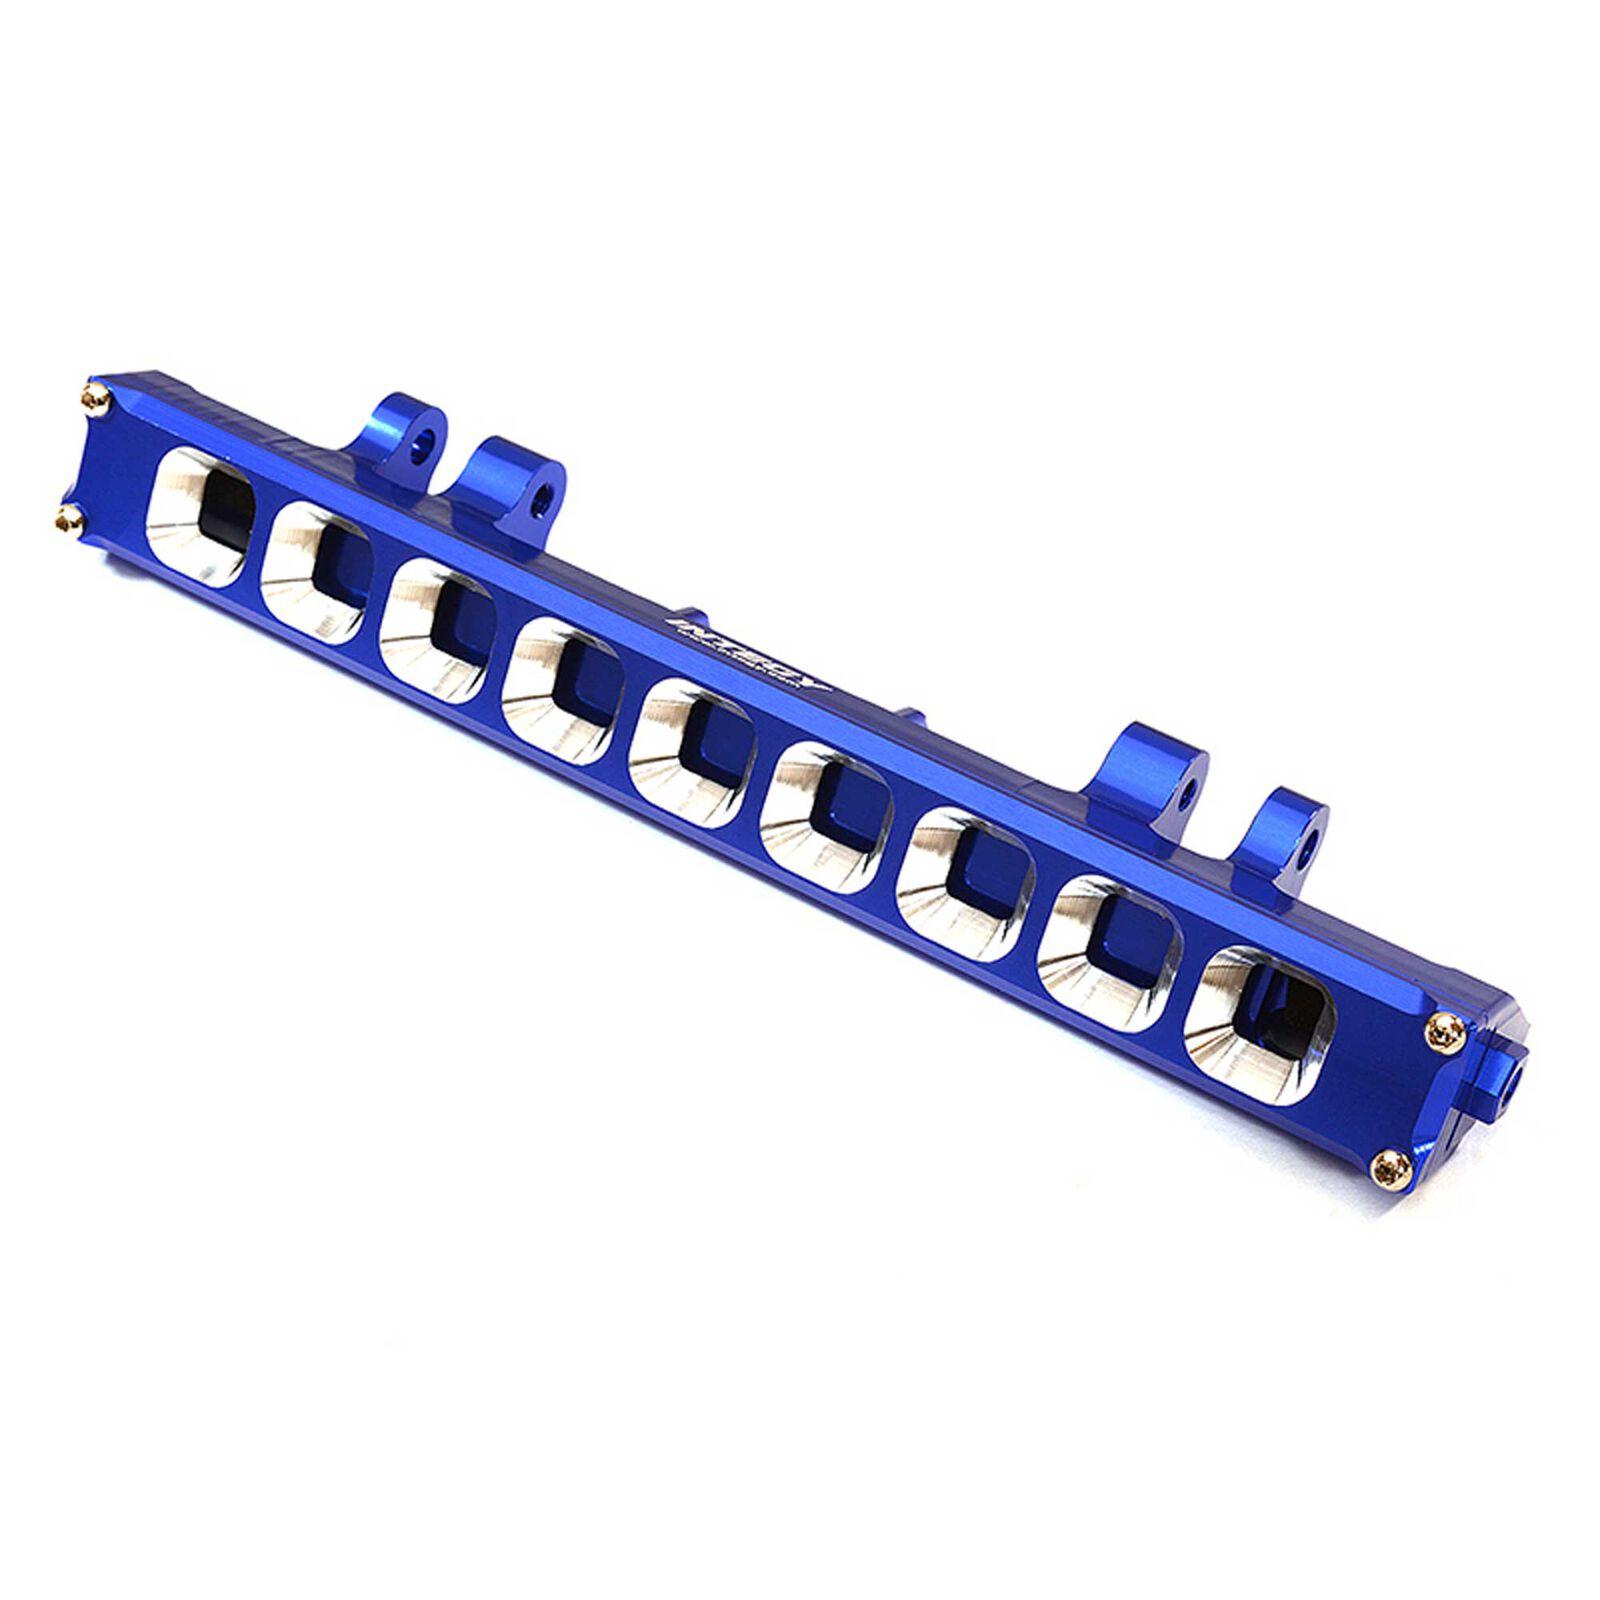 LED Roof Housing, Blue: Losi 1/5 Desert Buggy